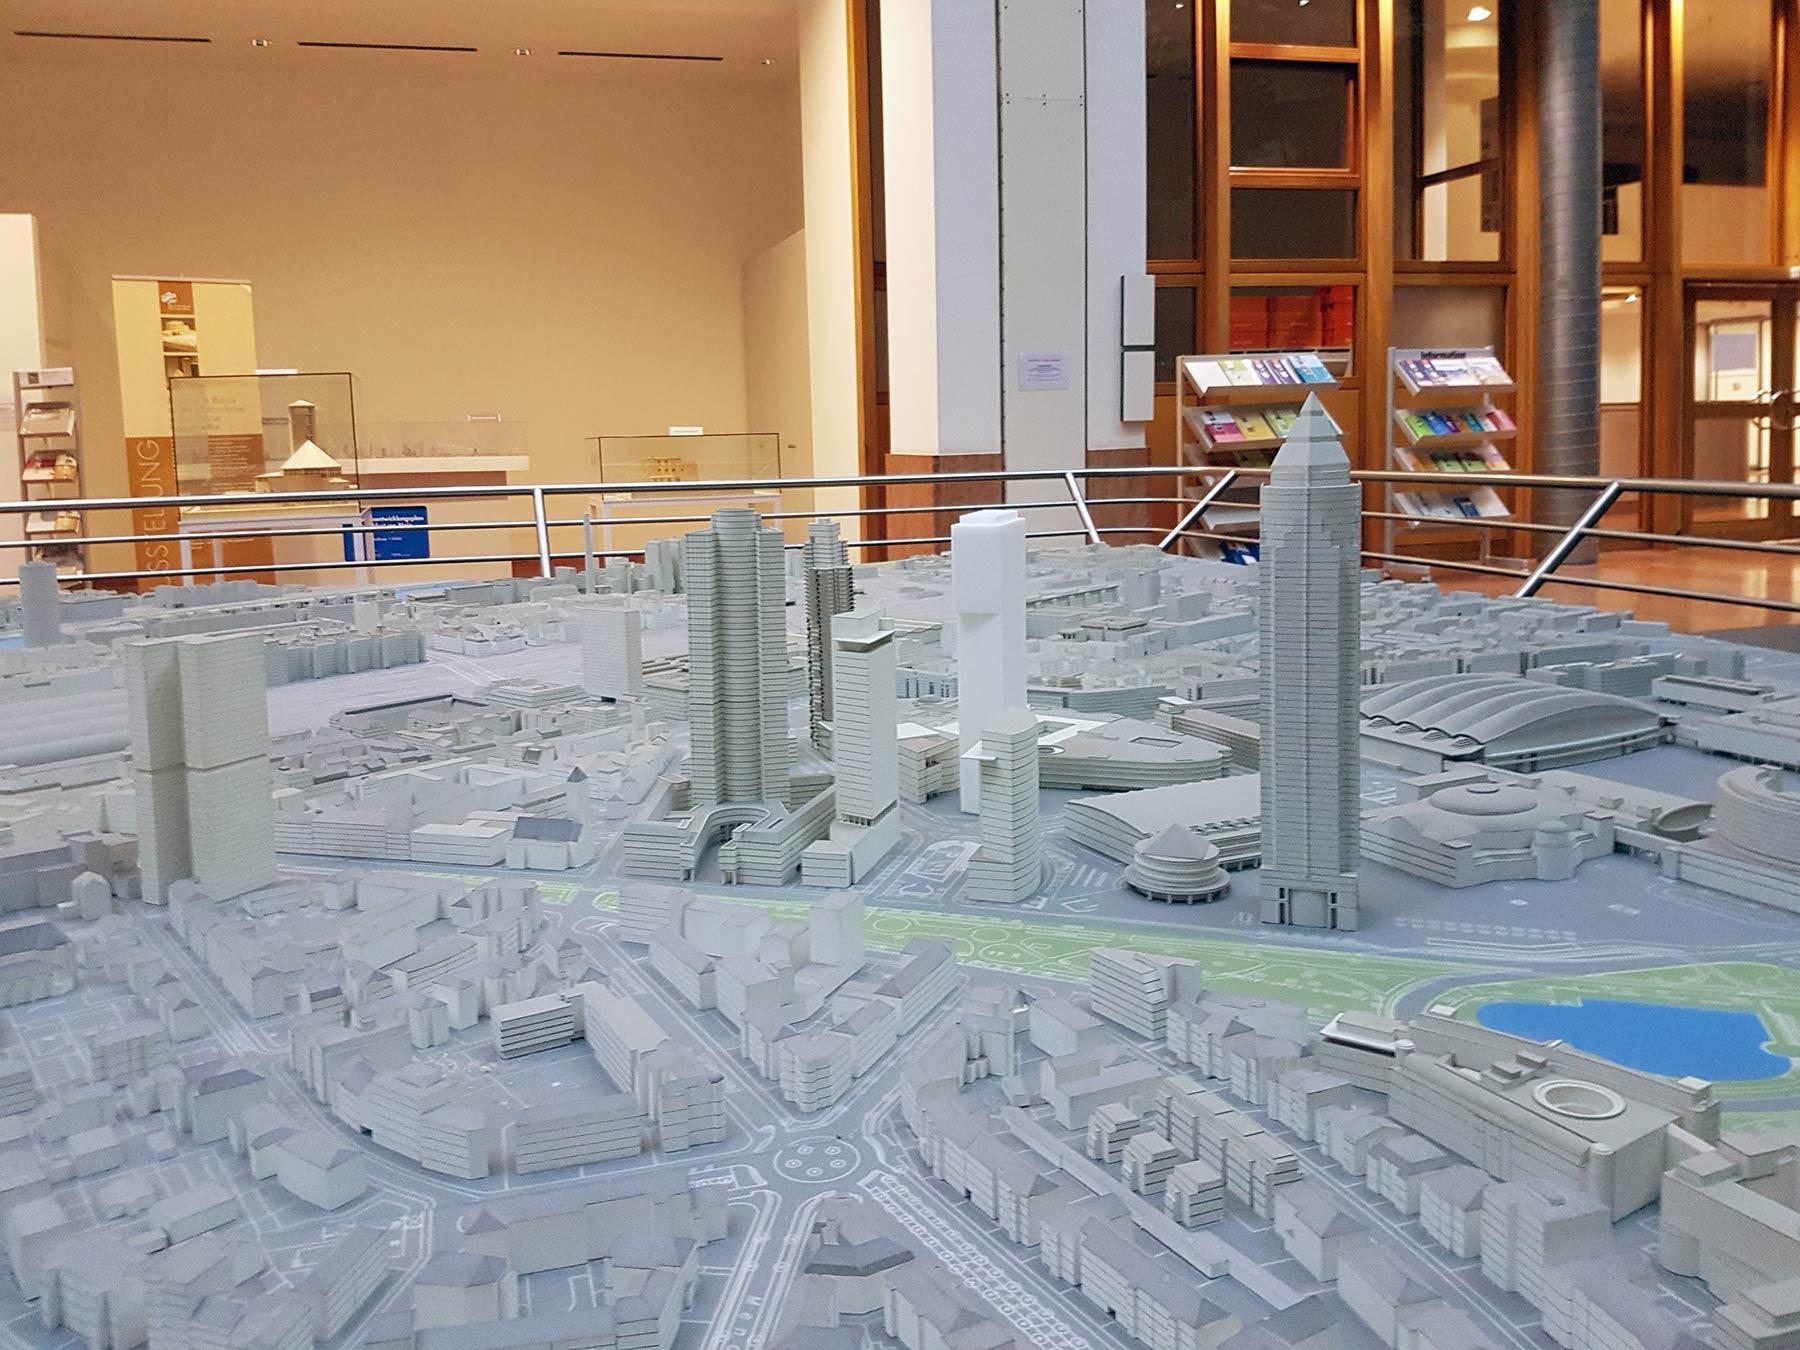 Sehenswürdigkeit Frankfurt - Stadtmodell Frankfurt - Modell im Planungsdezernat - Stadt Frankfurt - Eintritt kostenfrei